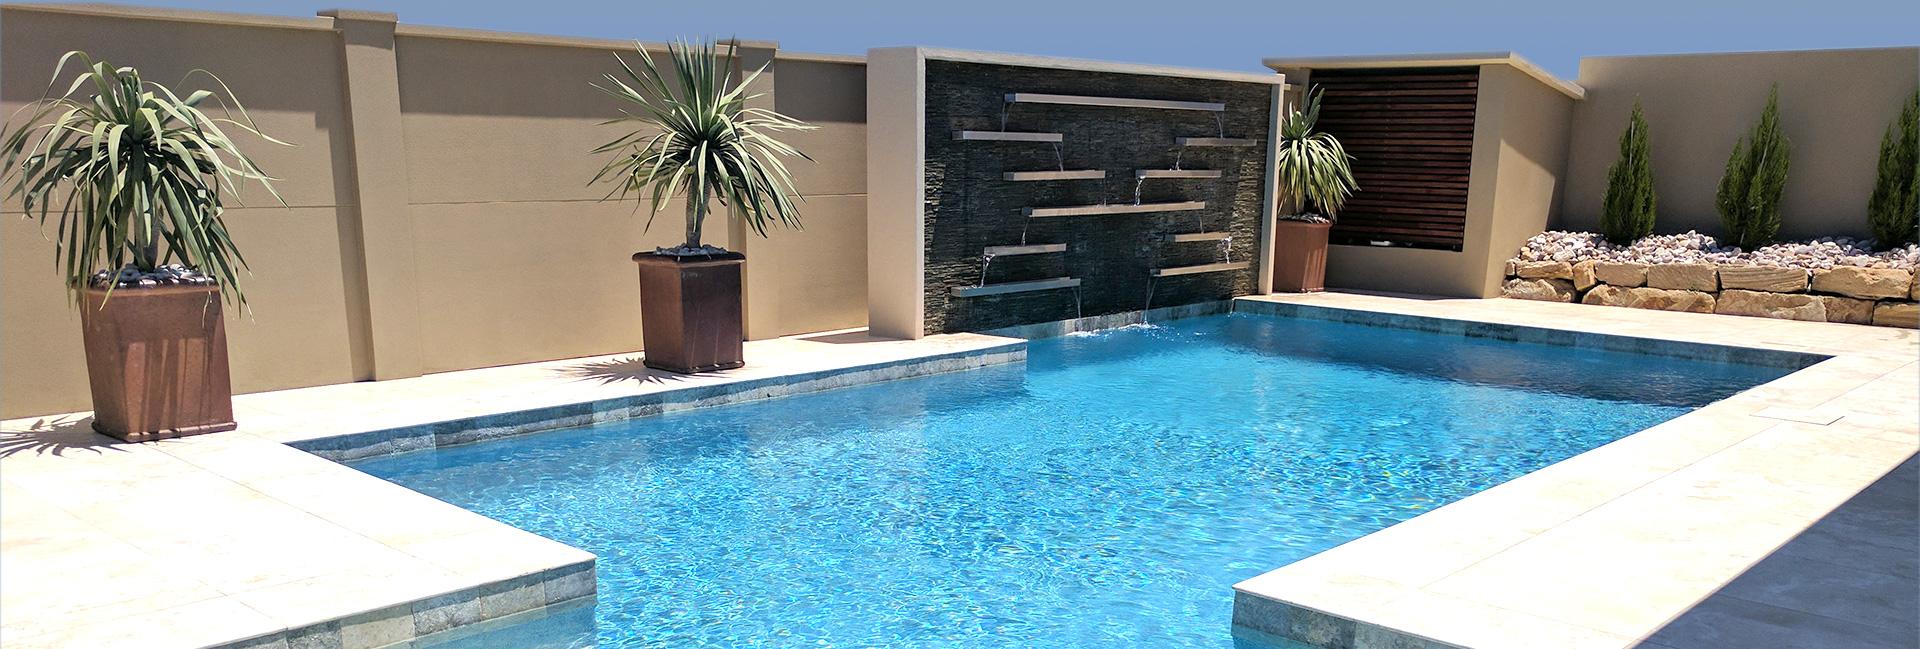 Porpoise Pools Brisbane Pool Builders |